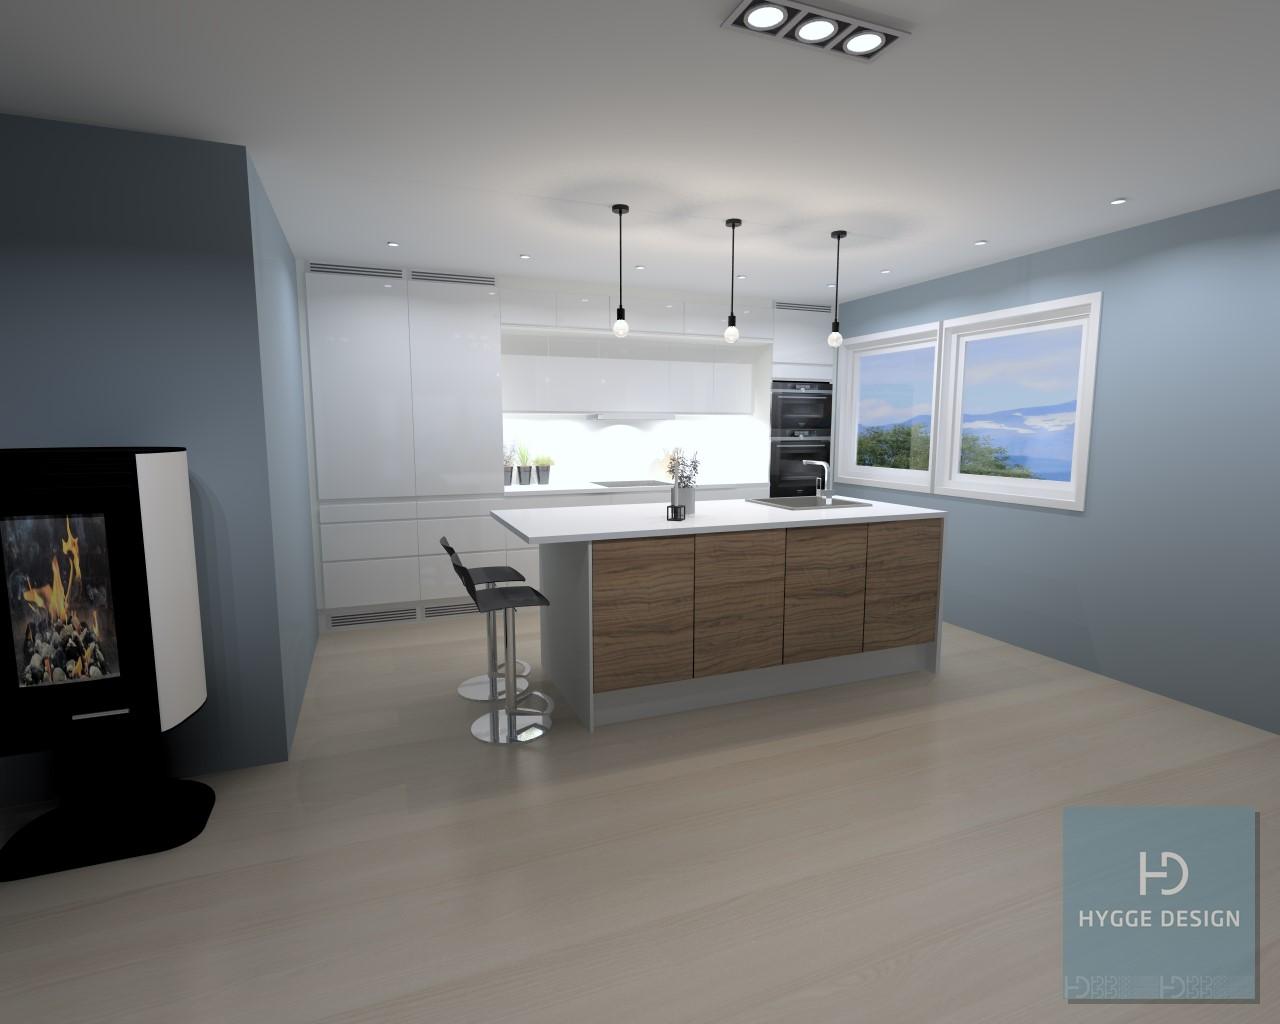 Fotorealistisk teikning av kjøkkenet.